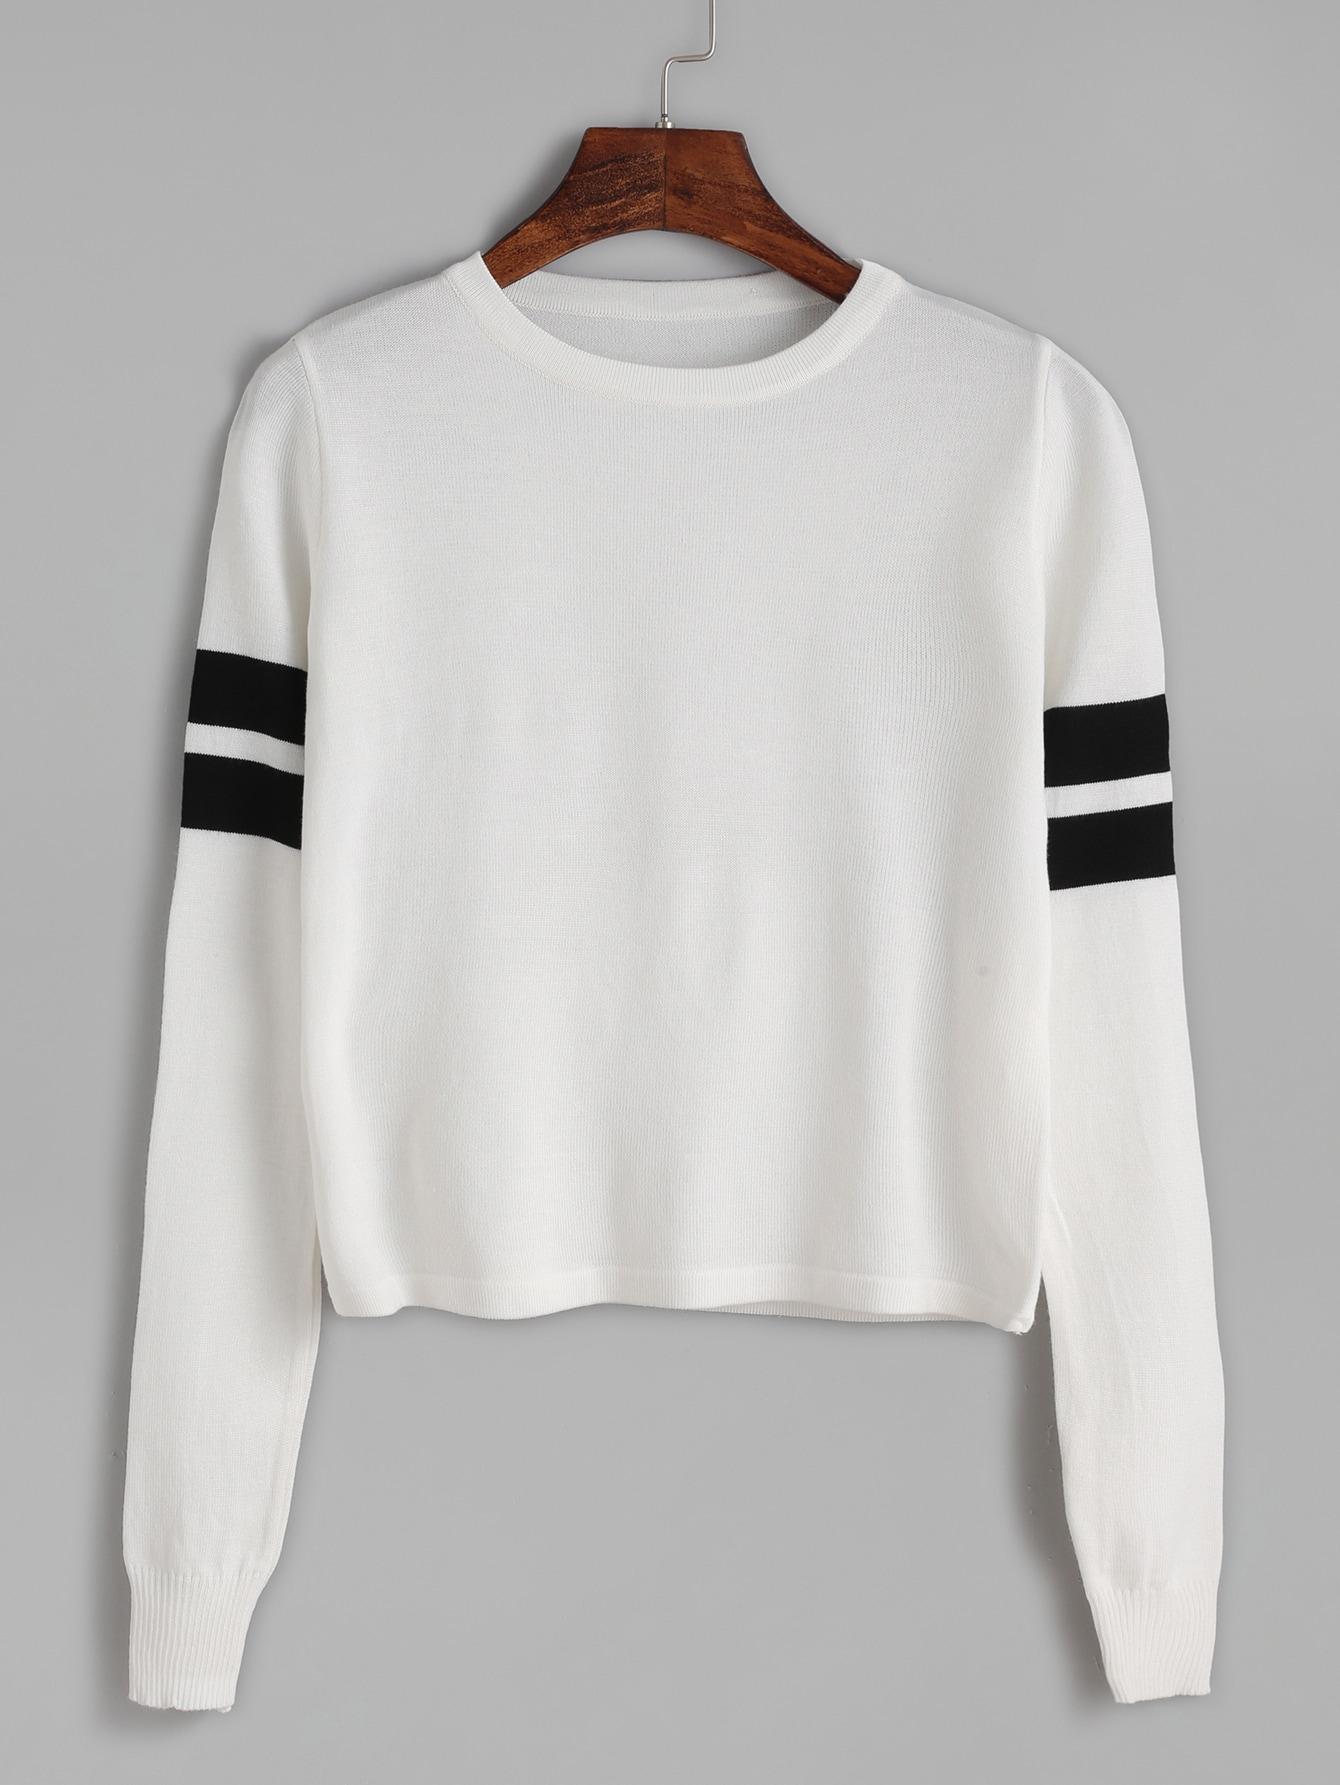 White Striped Trim Long Sleeve Knitwear sweater161004301